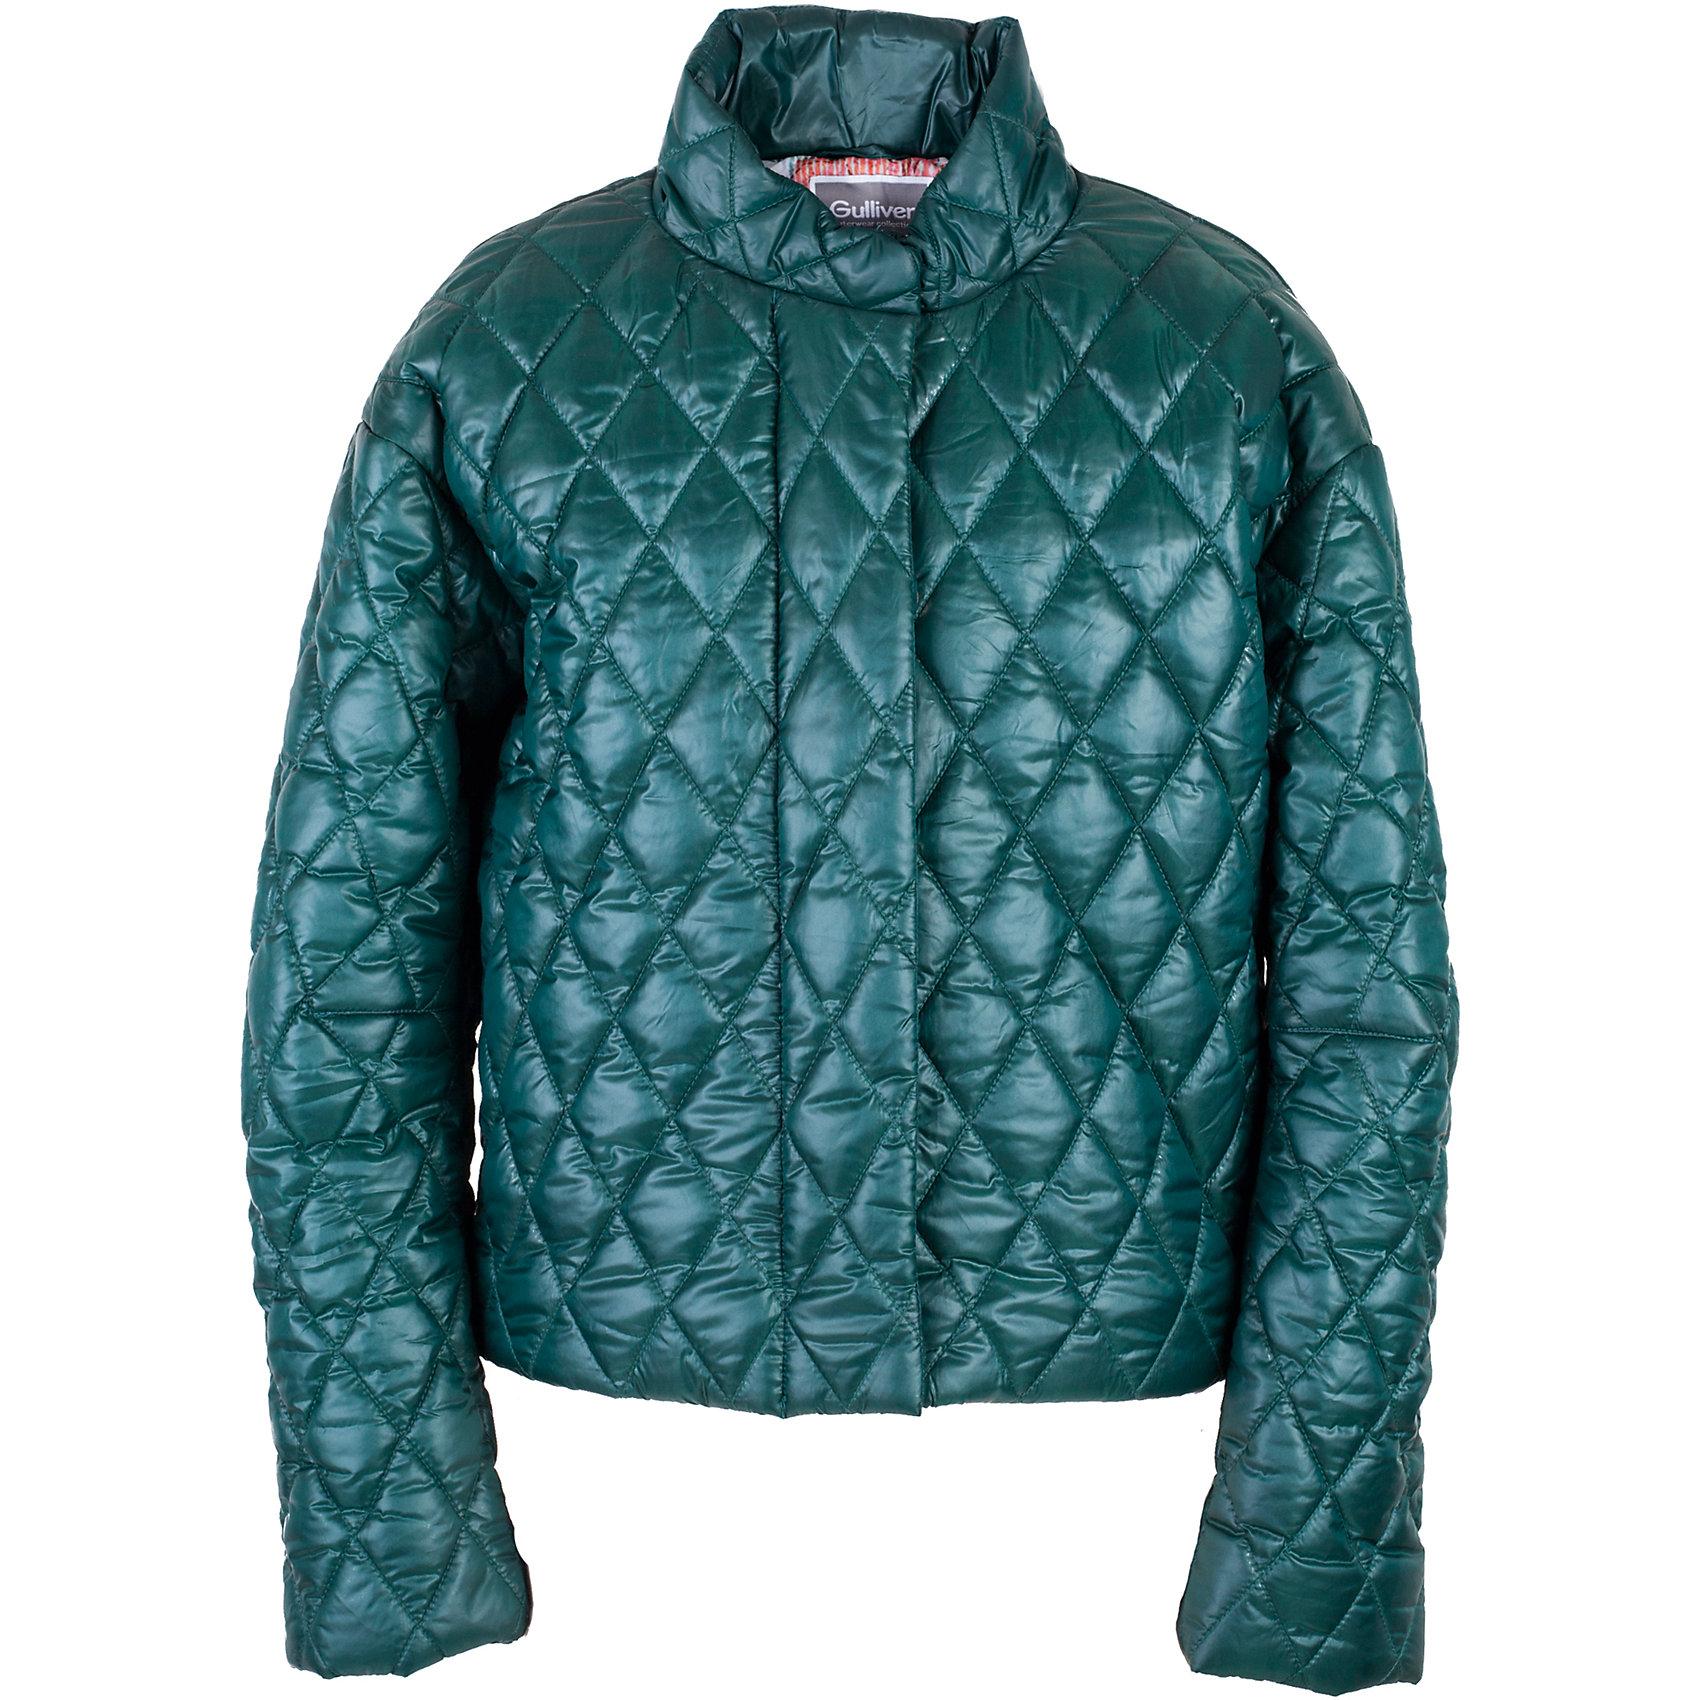 Куртка для девочки GulliverВерхняя одежда<br>Прошли времена, когда детская куртка выполняла исключительно функциональную роль. Сейчас изделию недостаточно быть только удобным и теплым. Куртка для девочки должна быть стильной, элегантной, привлекательной и отражать в полной мере характер и предпочтения своей обладательницы! Именно такая, стеганая зеленая куртка может понравиться юной моднице. Если вы предпочитаете сформировать весенний гардероб ребенка из современных интересных вещей, вам стоит купить детскую куртку из коллекции Коста-Рика! В этой куртке вашему ребенку гарантирован прекрасный внешний вид, соответствие модным трендам, а также тепло, комфорт и свобода движений.<br>Состав:<br>верх:  60% полиэстер 40% нейлон; подкладка:  100% полиэстер; утеплитель:  100% полиэстер<br><br>Ширина мм: 356<br>Глубина мм: 10<br>Высота мм: 245<br>Вес г: 519<br>Цвет: зеленый<br>Возраст от месяцев: 156<br>Возраст до месяцев: 168<br>Пол: Женский<br>Возраст: Детский<br>Размер: 164,146,152,158<br>SKU: 5483135